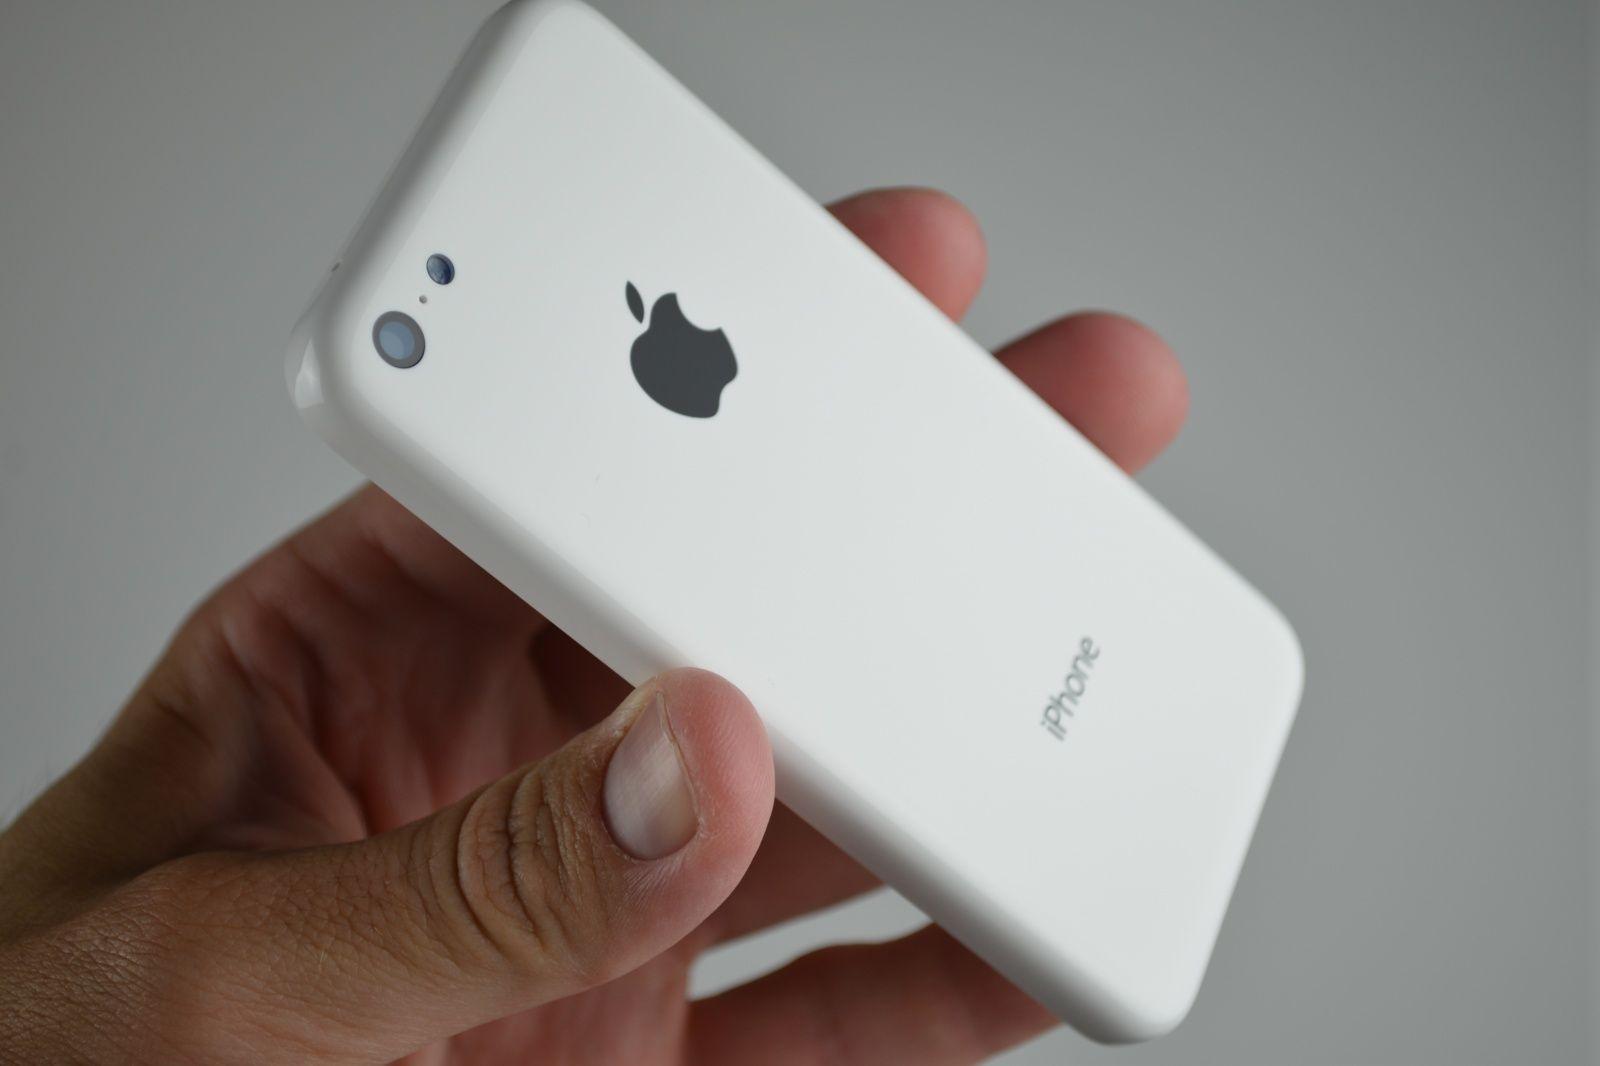 iPhone 5c Prototype?